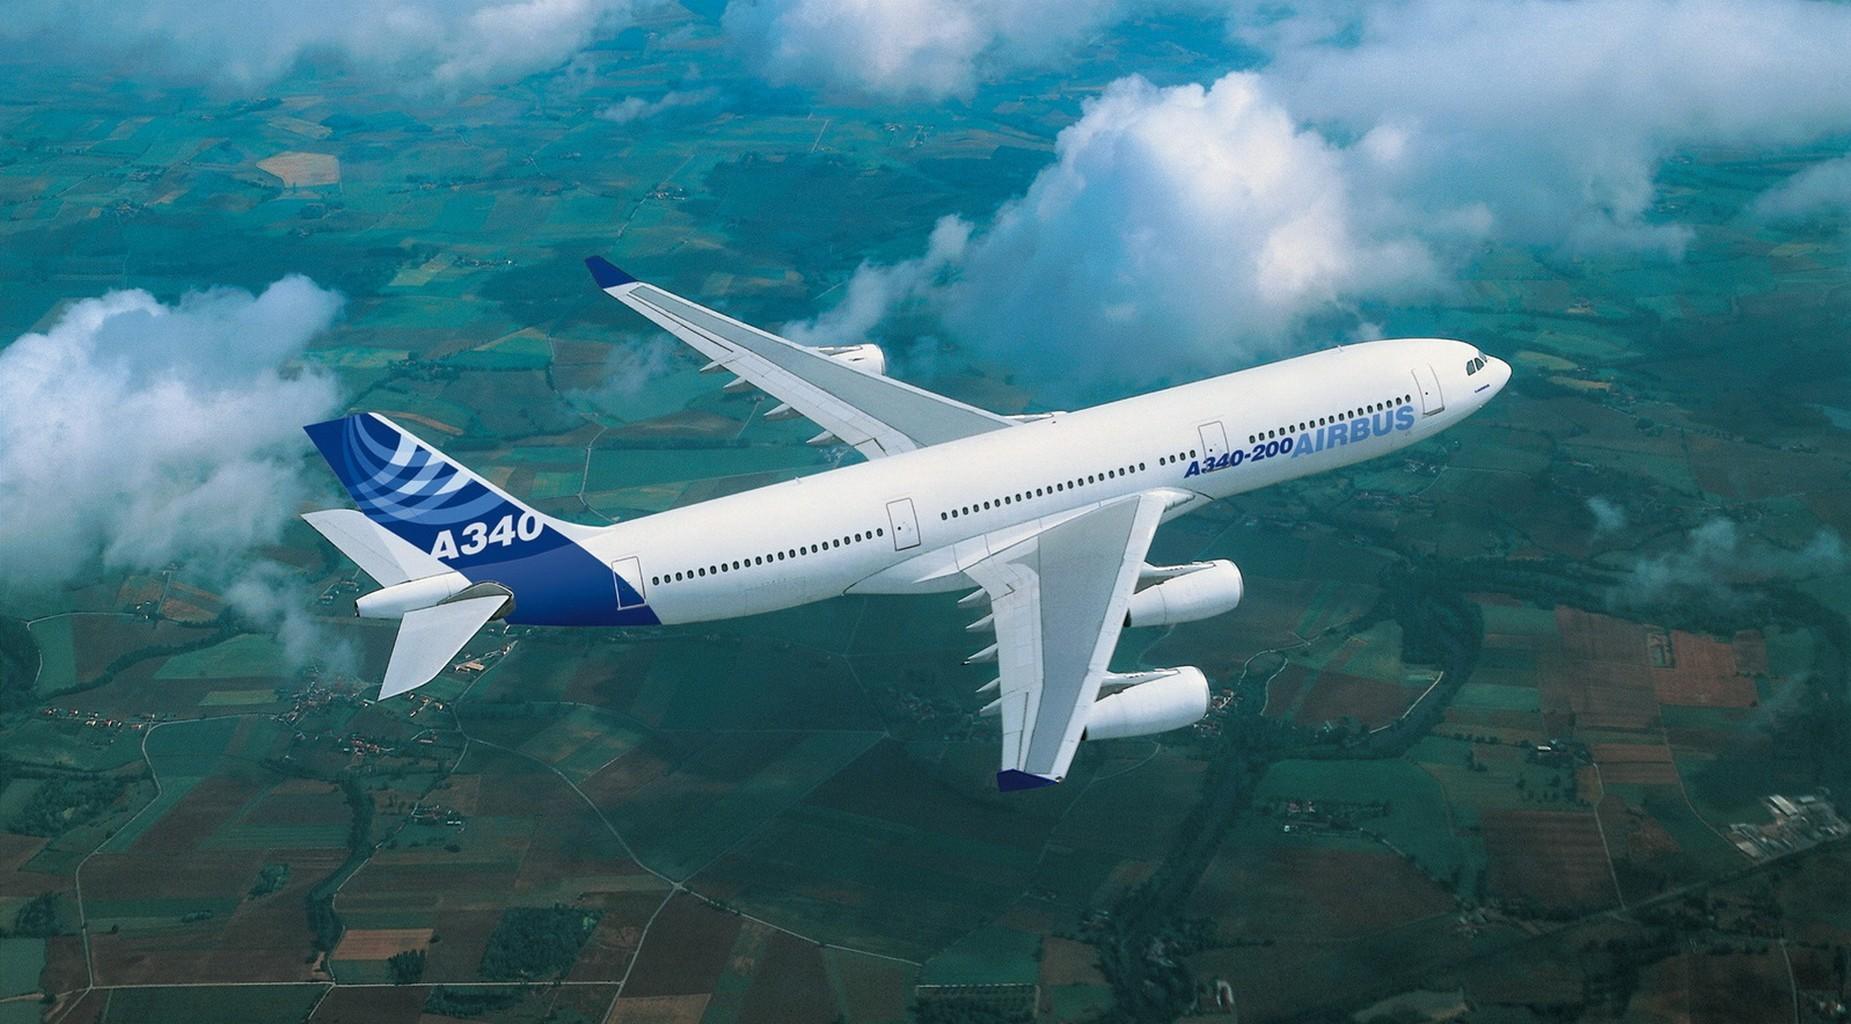 картинки про авиацию пассажирских самолетов коллеге при переходе